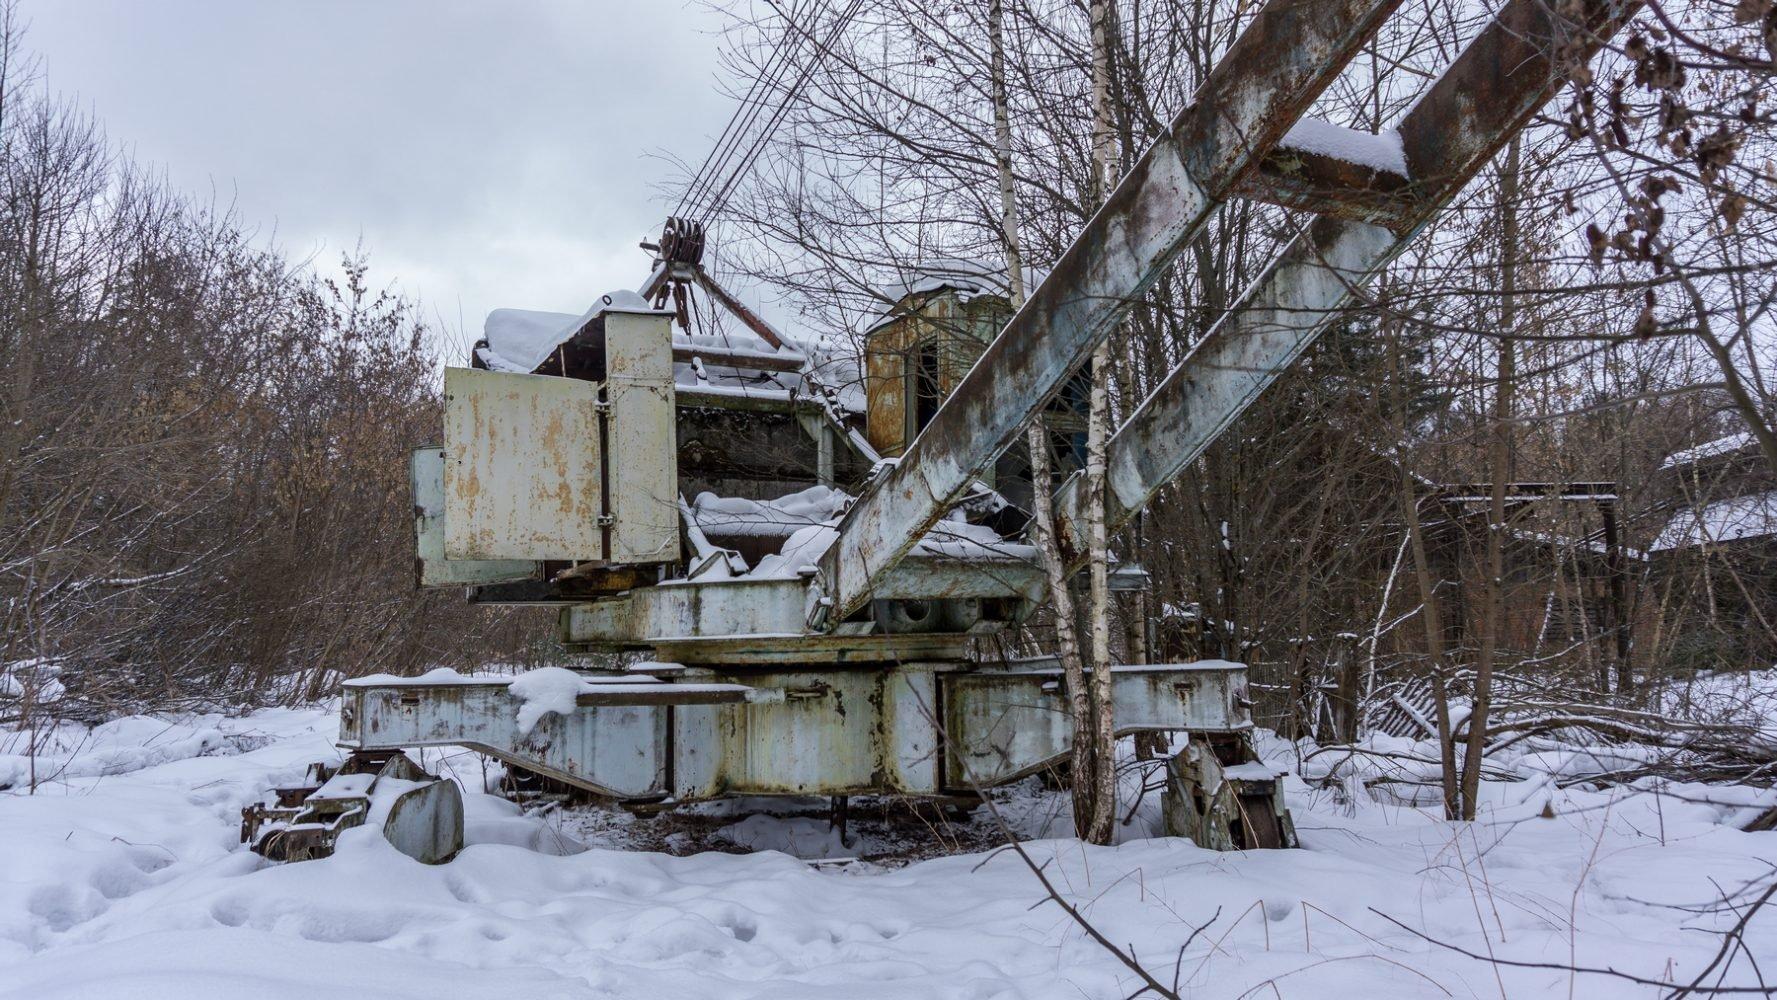 Заблудившийся в лесу электрический рельсовый стреловой кран